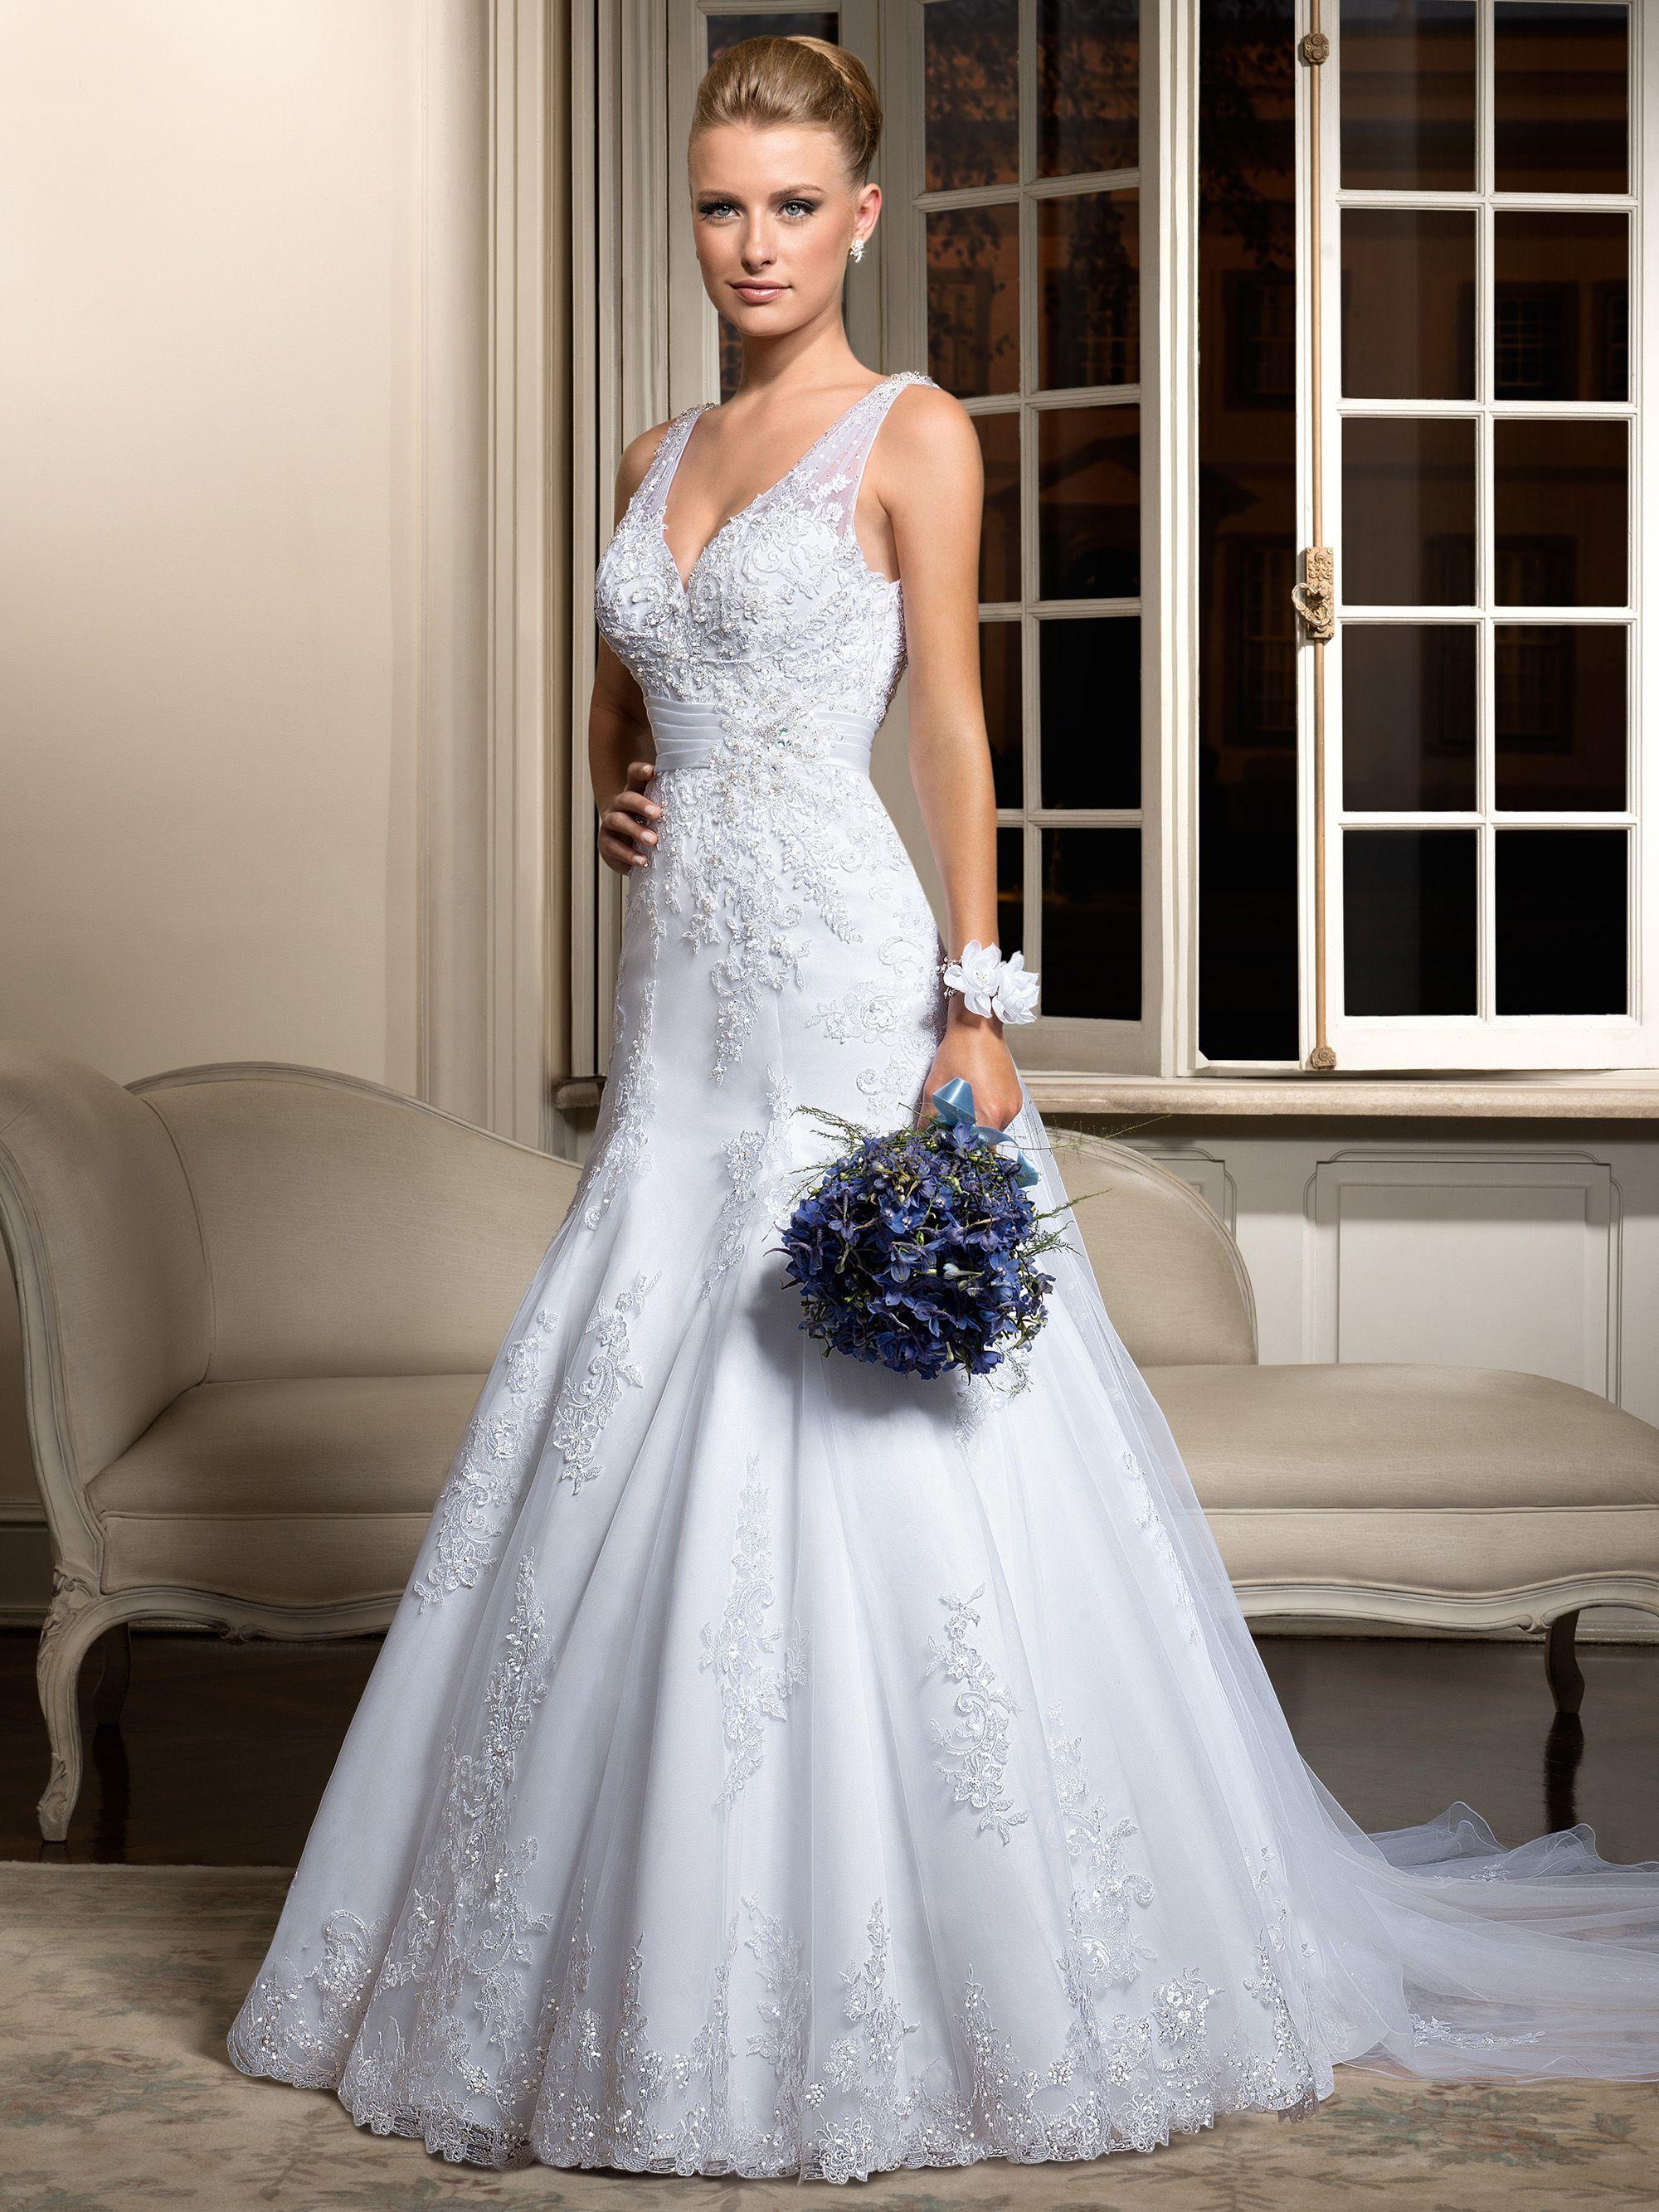 67dfddbb3 Resultado de busca avançada para Vestidos de noiva, Vestidos de 15 anos,  Sapatos para noivas, Acessório para noivas e Carro da noiva